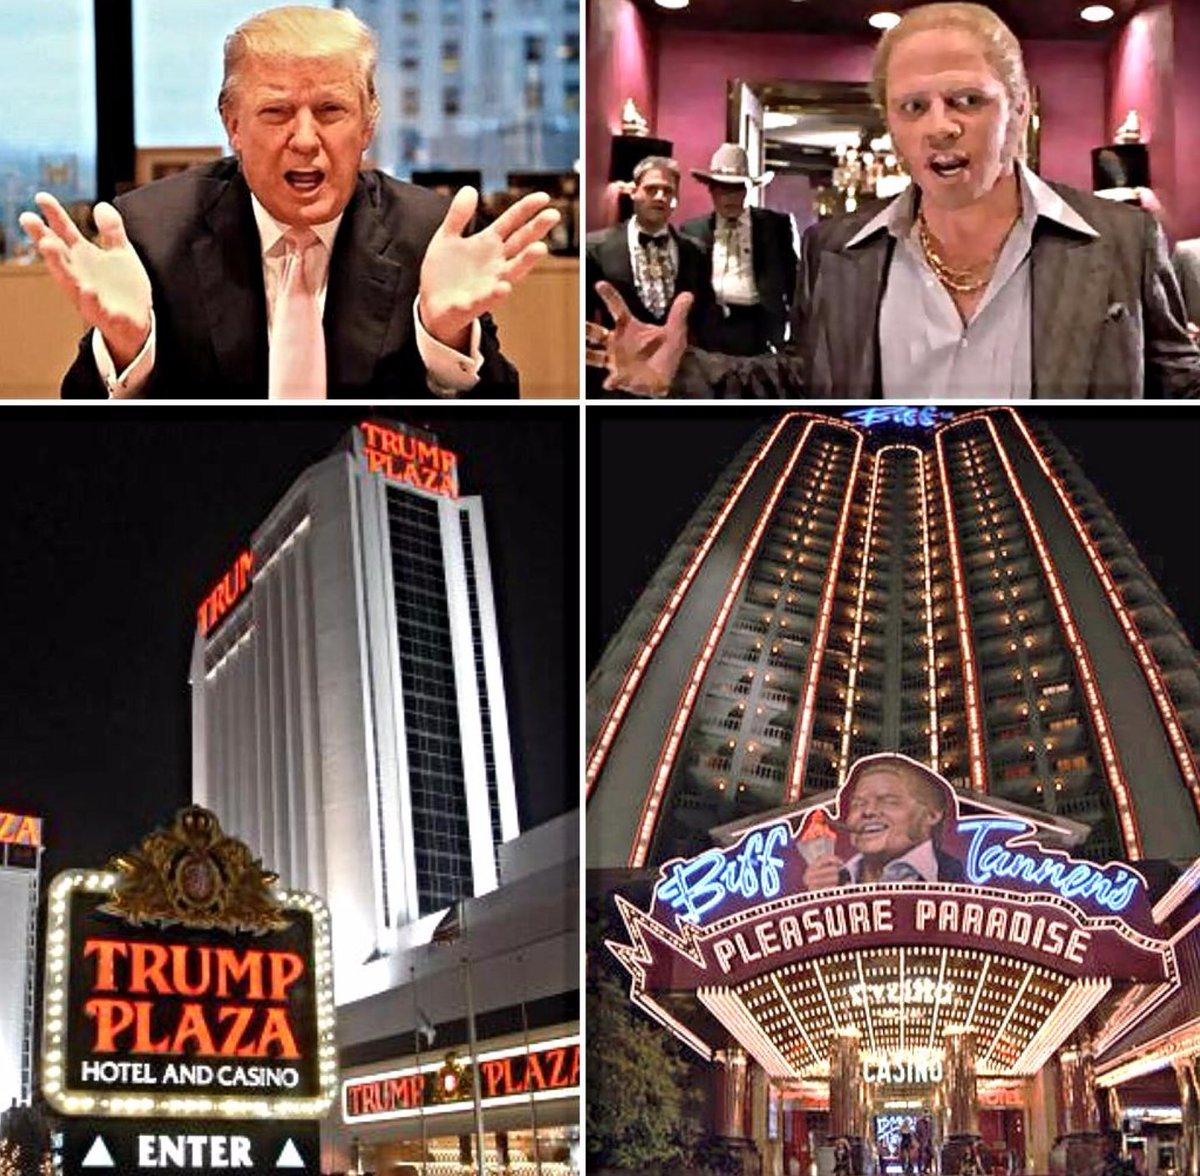 Biffs casino winn casino michigan